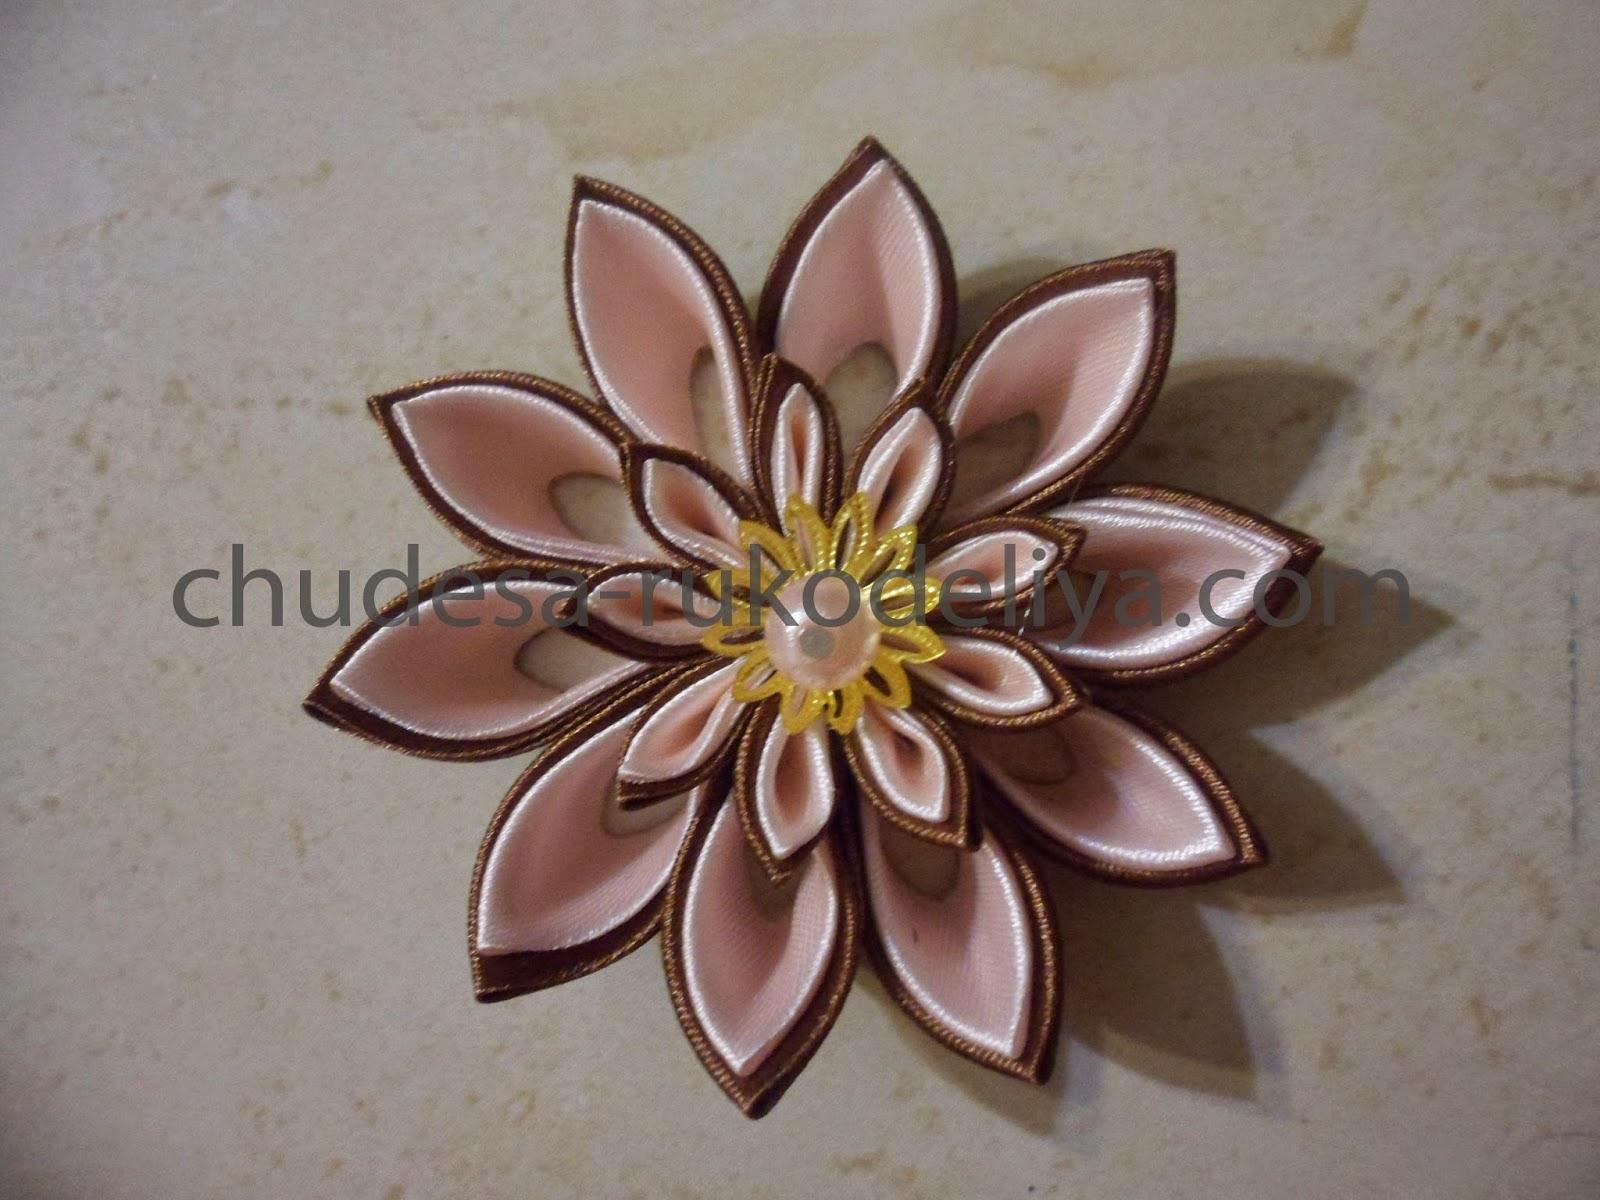 Цветок канзаши с острыми лепестками фото